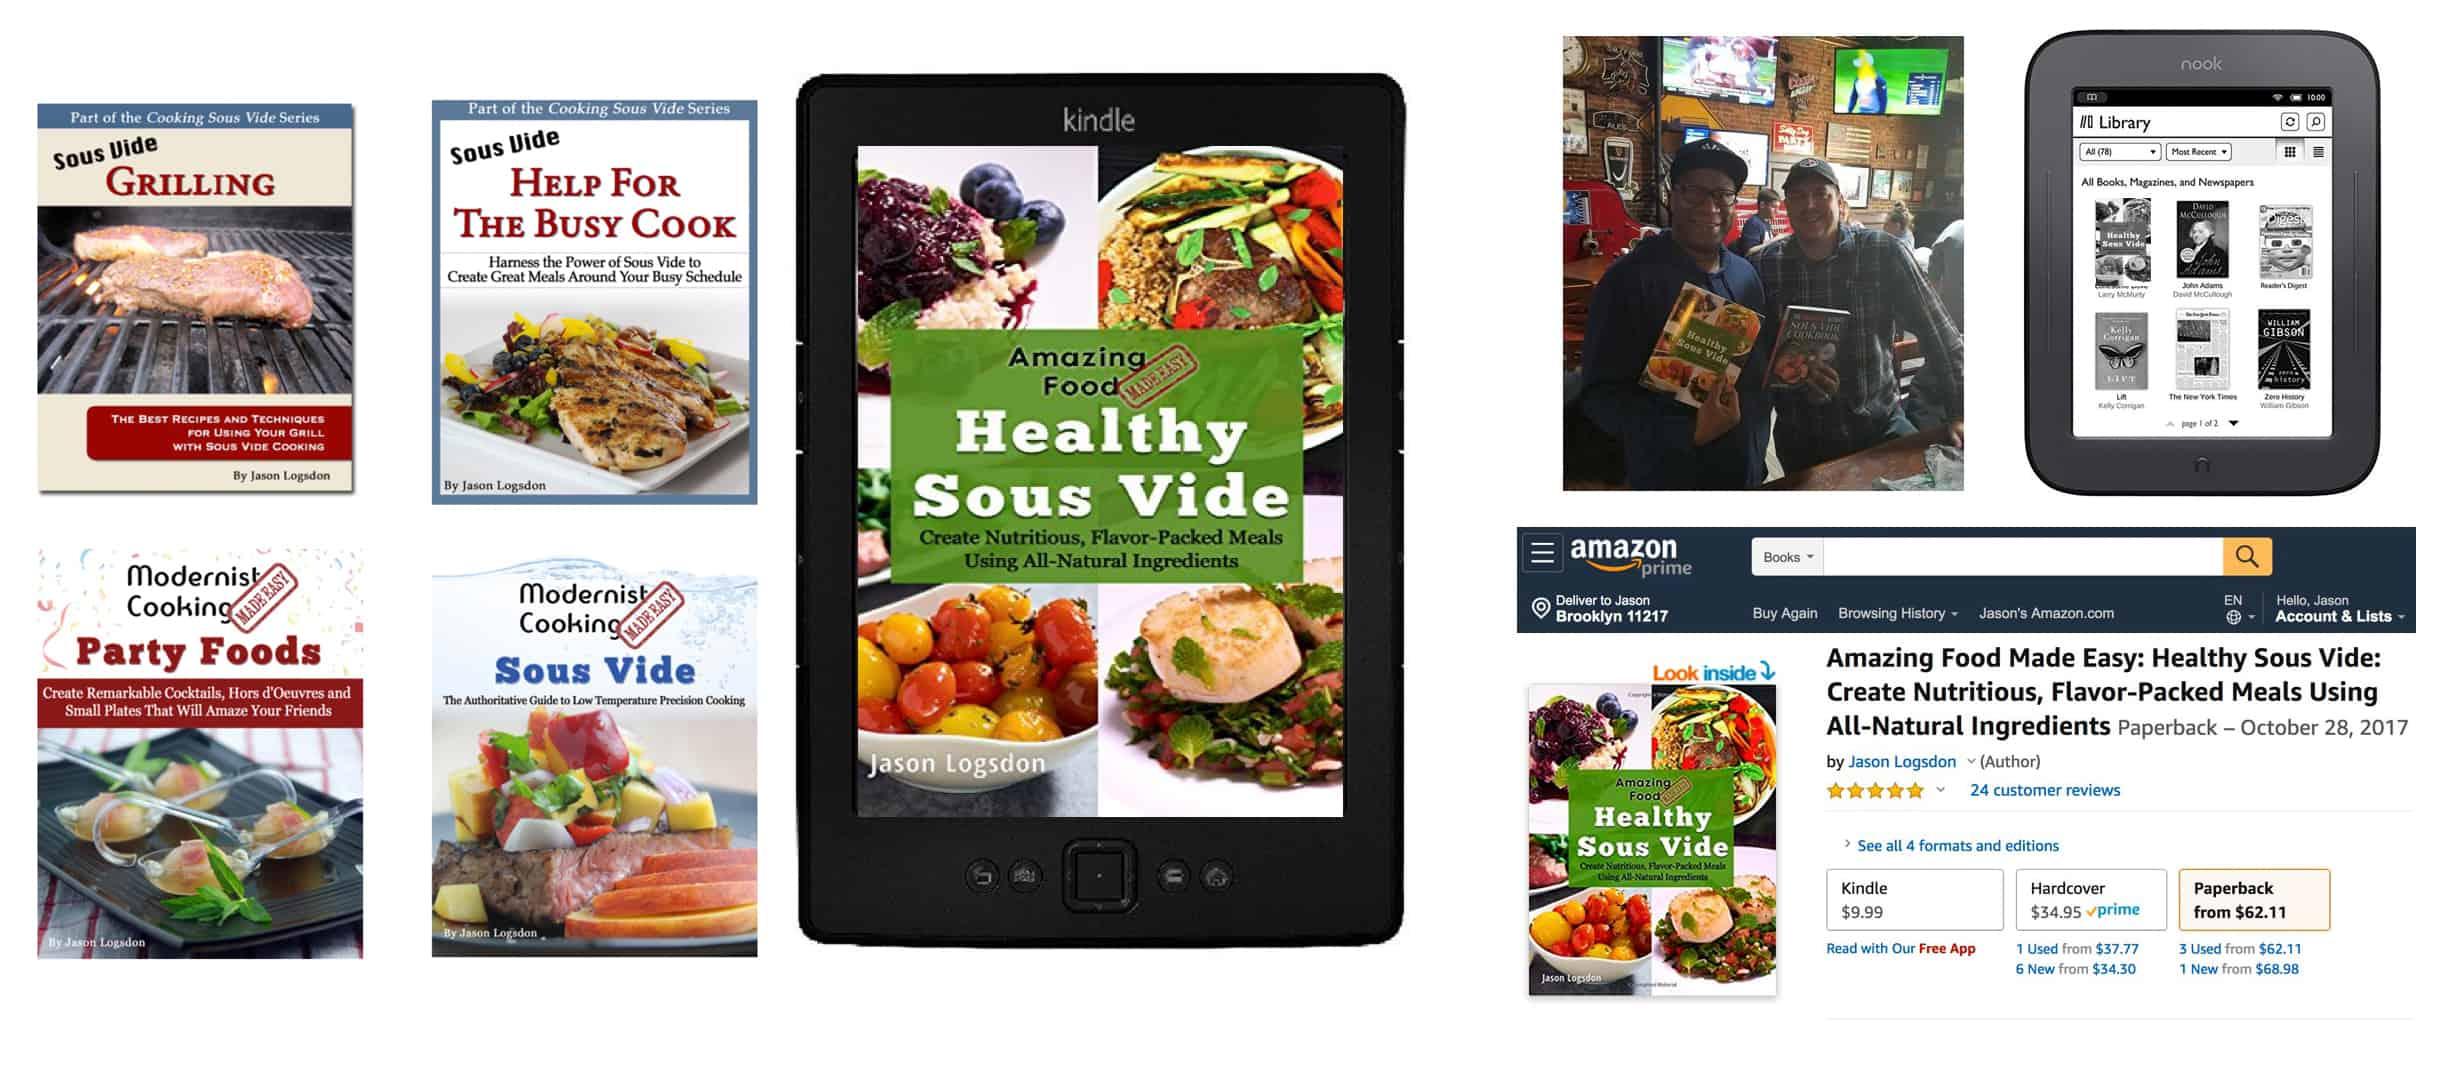 烹饪书籍图像链接